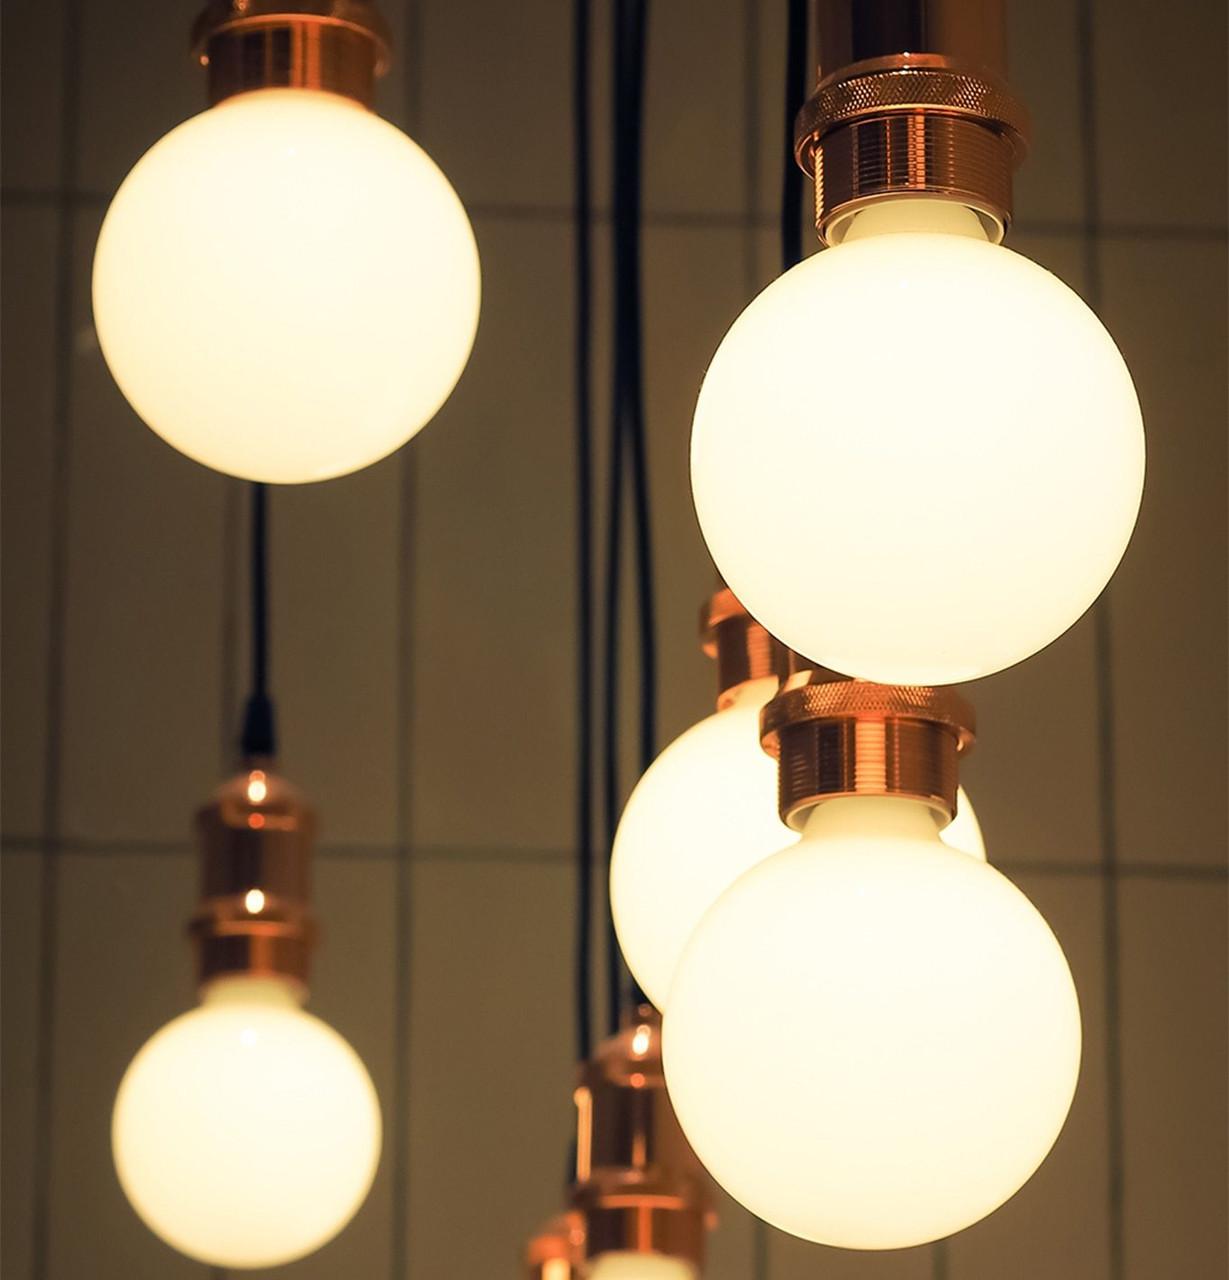 LED Dimmable G95 BC-B22d Light Bulbs